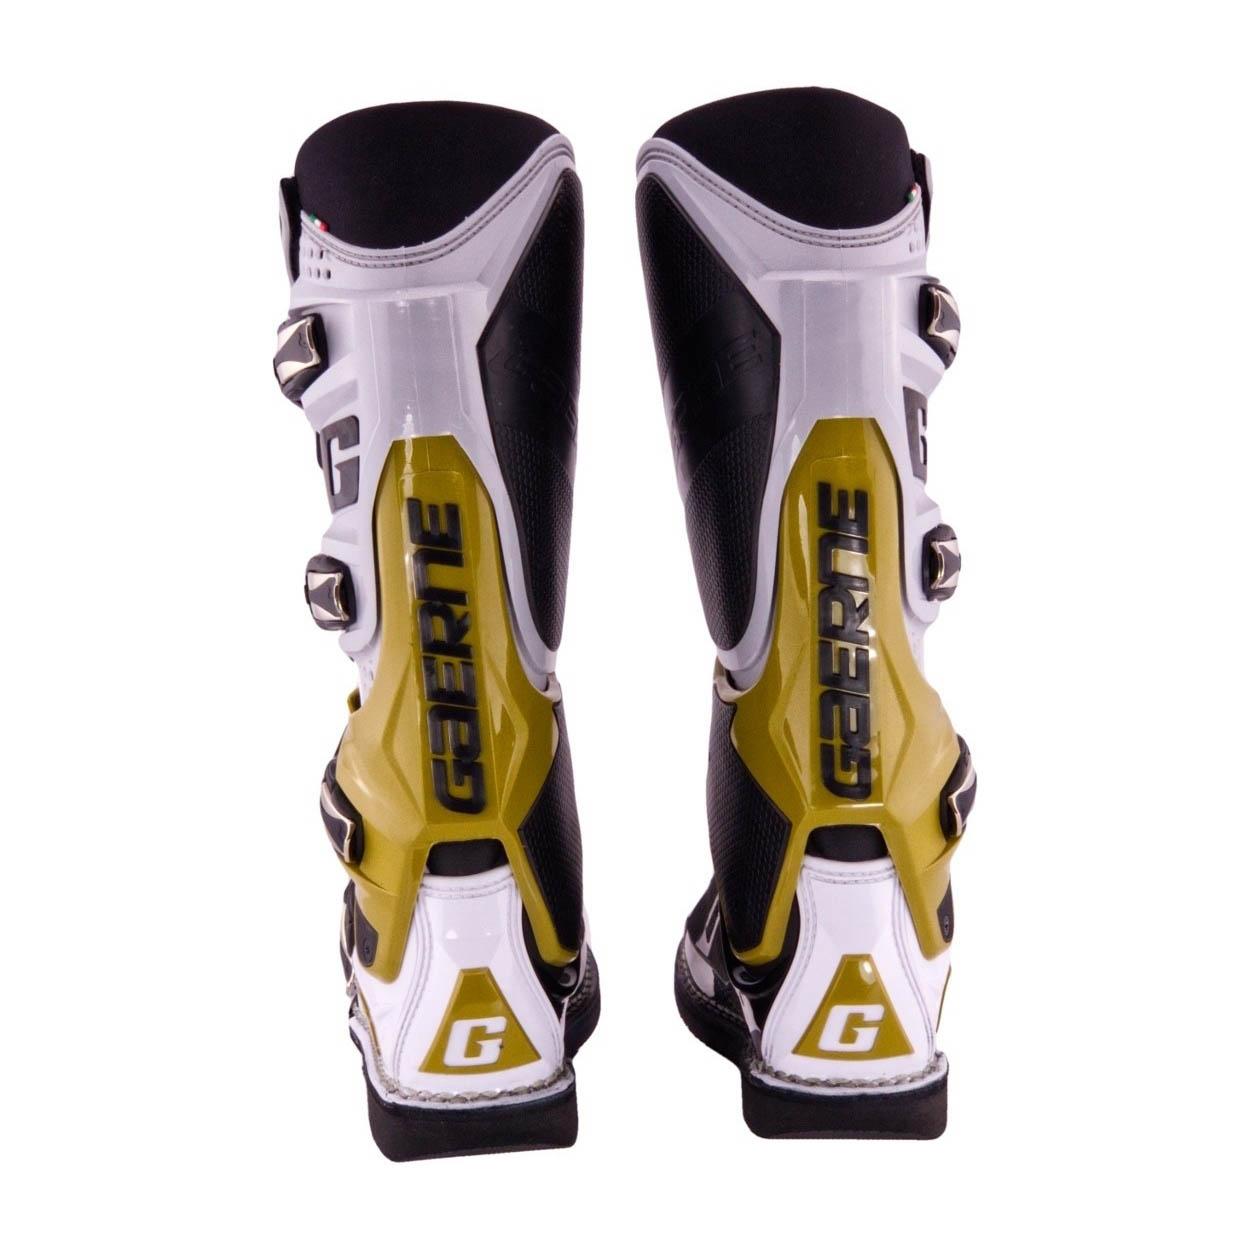 GAERNE SG-12 спортивные сапоги для мотокросса, вид сзади цвет серо-магнезиво-белый купить по низкой цене